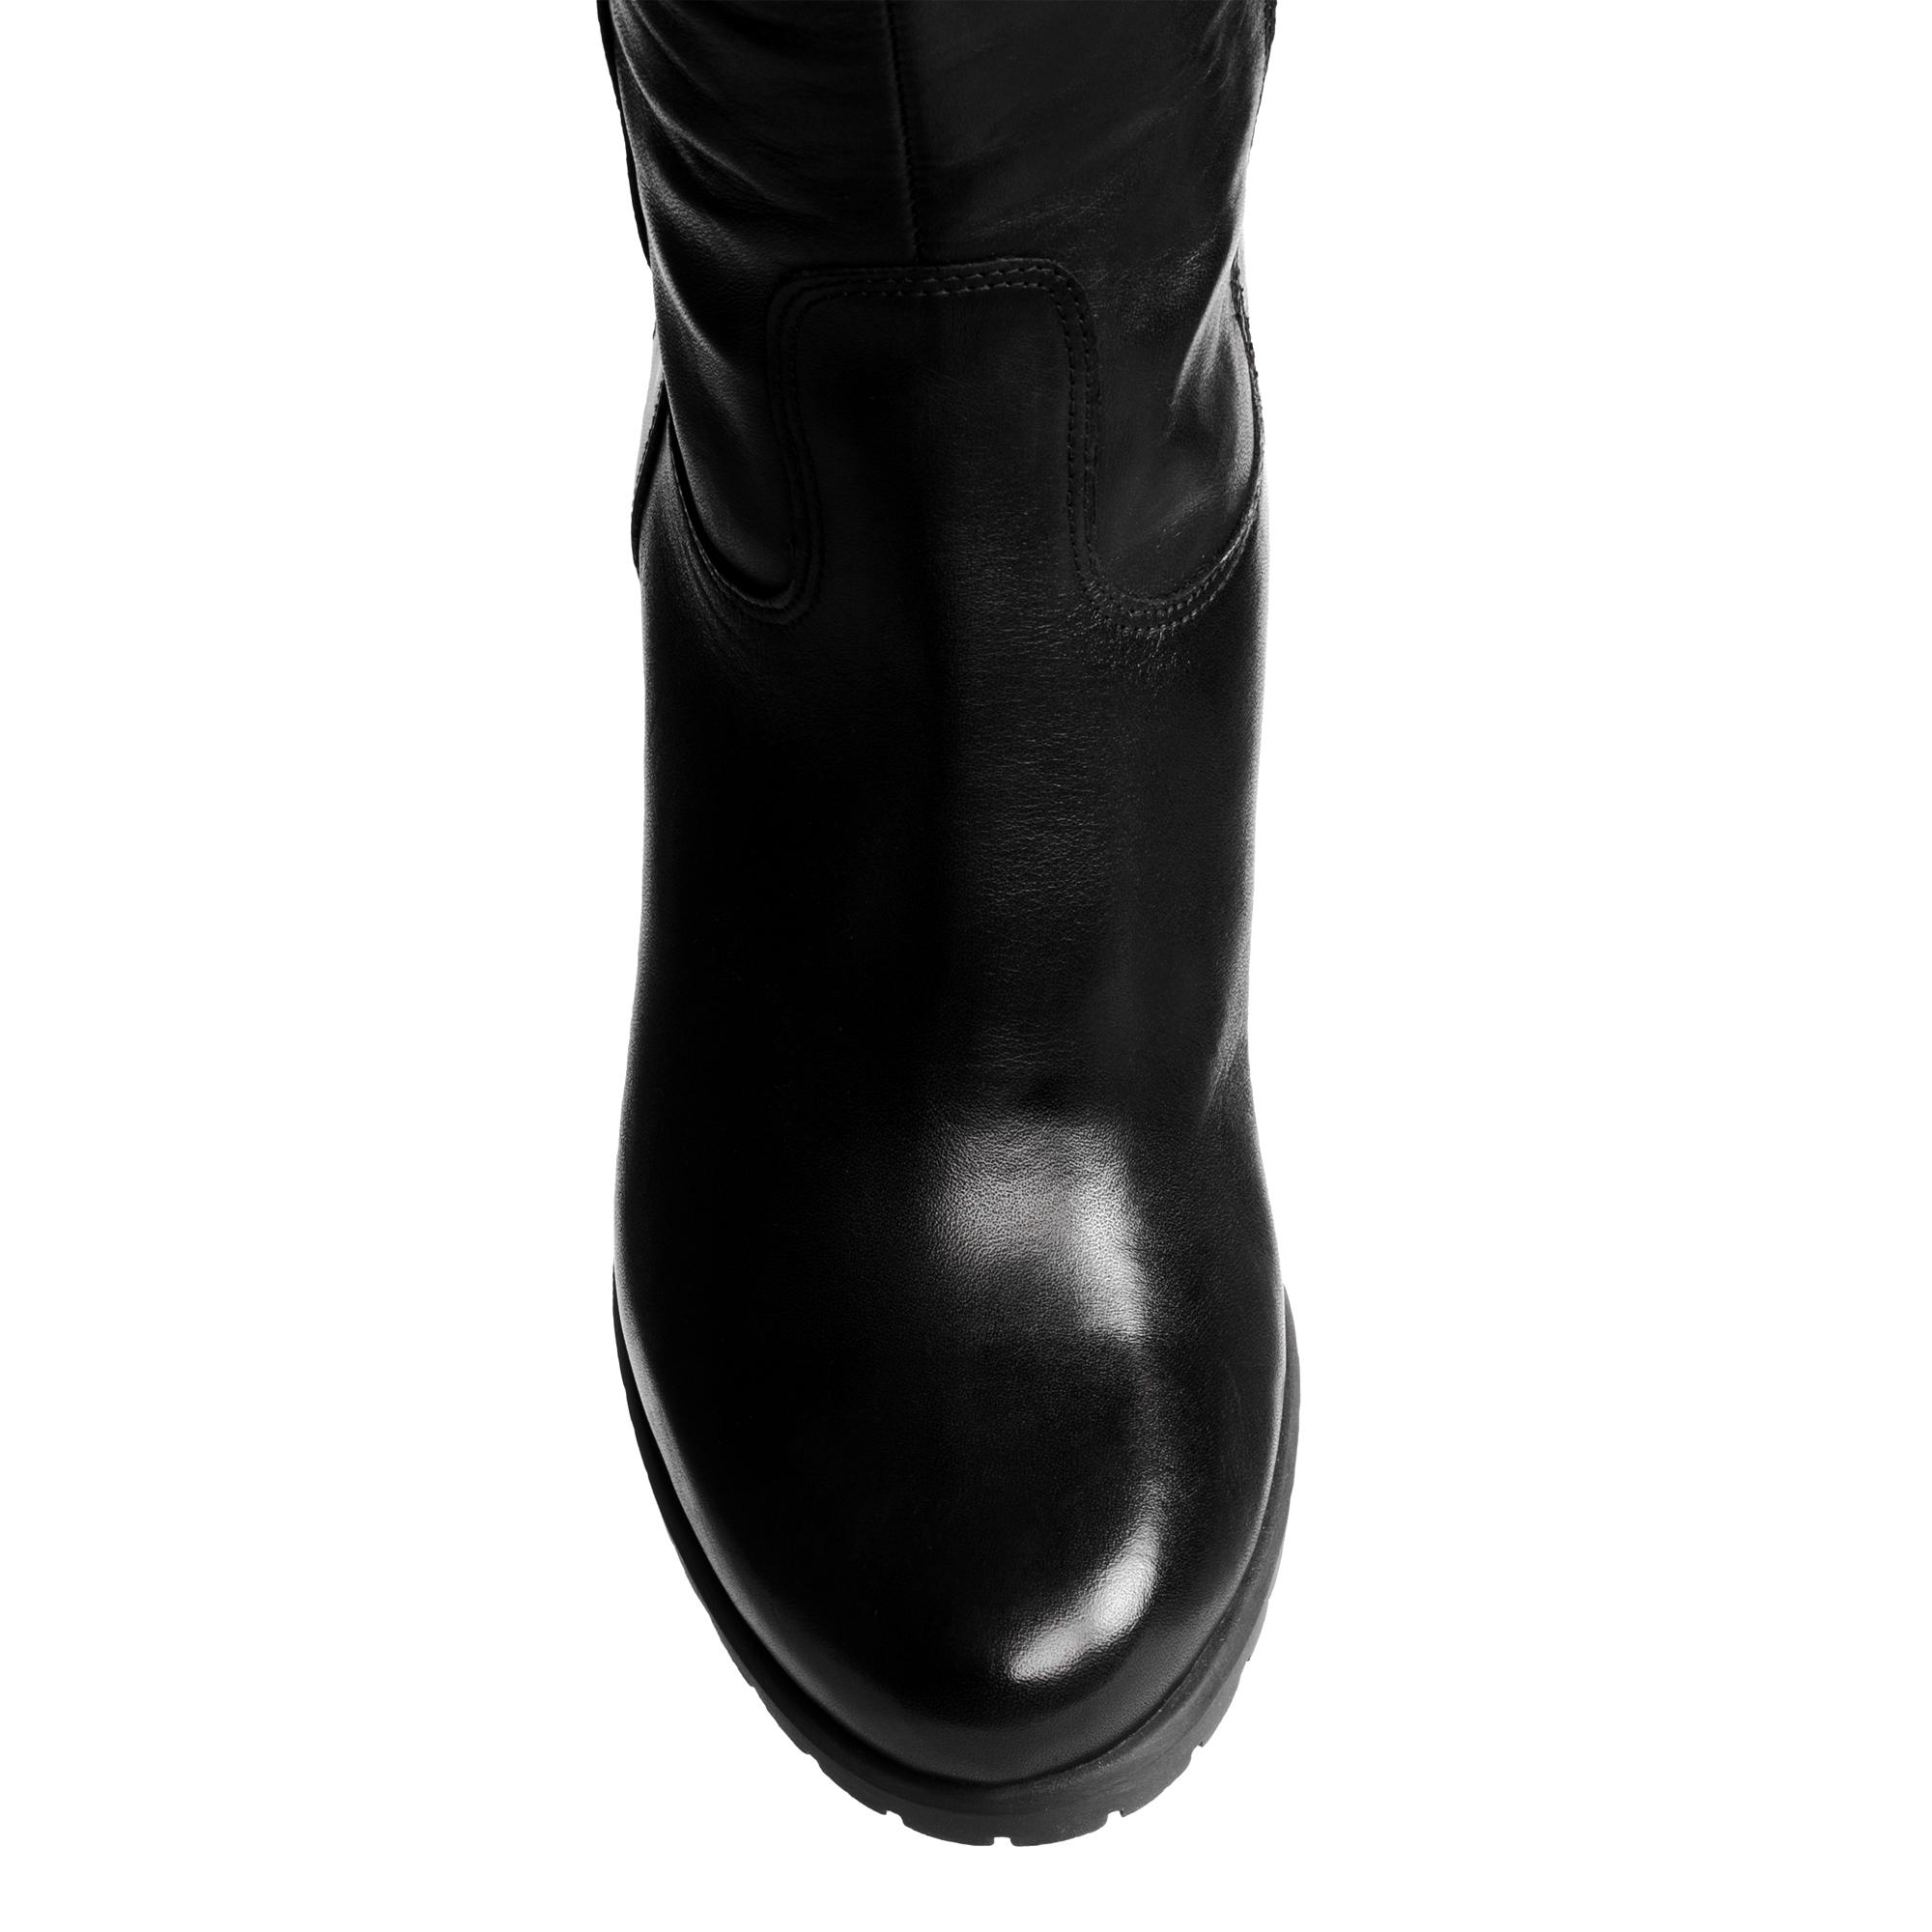 Сапоги на каблуке CorsoComo (Корсо Комо) 36-7911-2